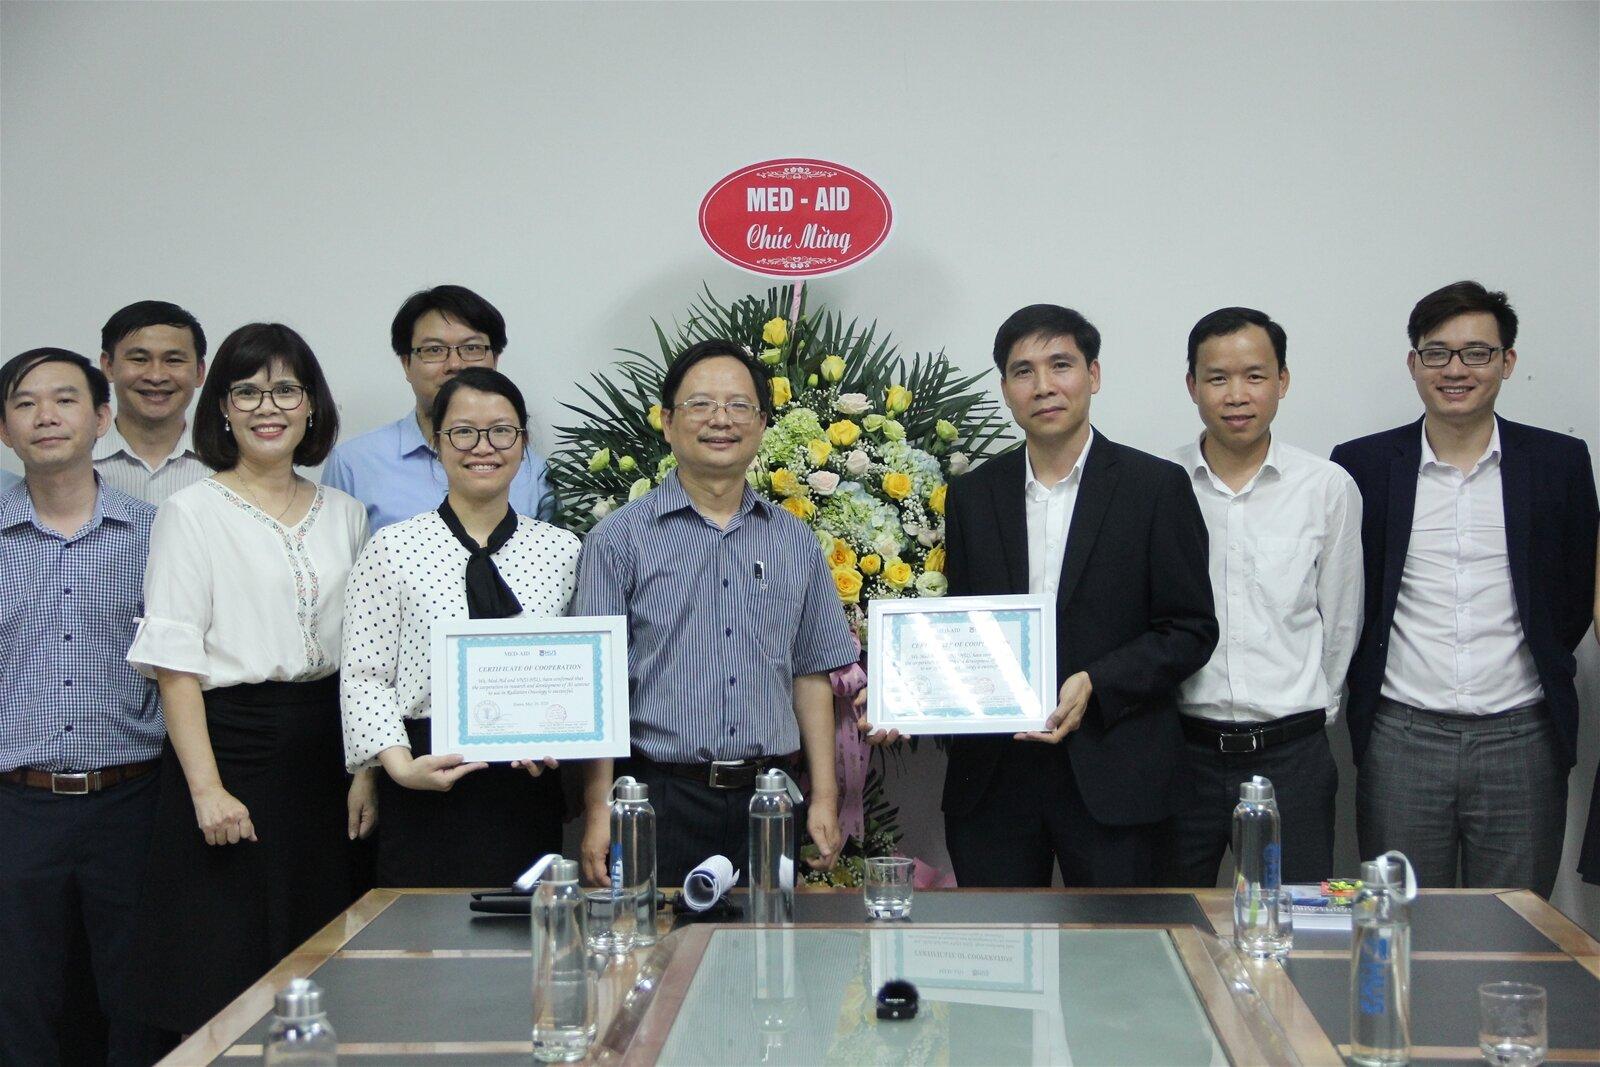 TS. Đỗ Thanh Hà (thứ ba từ trái sang, hàng trên) trong buổi lễ bàn giao sản phẩm cho công ty Med Aid. Nguồn: HUS